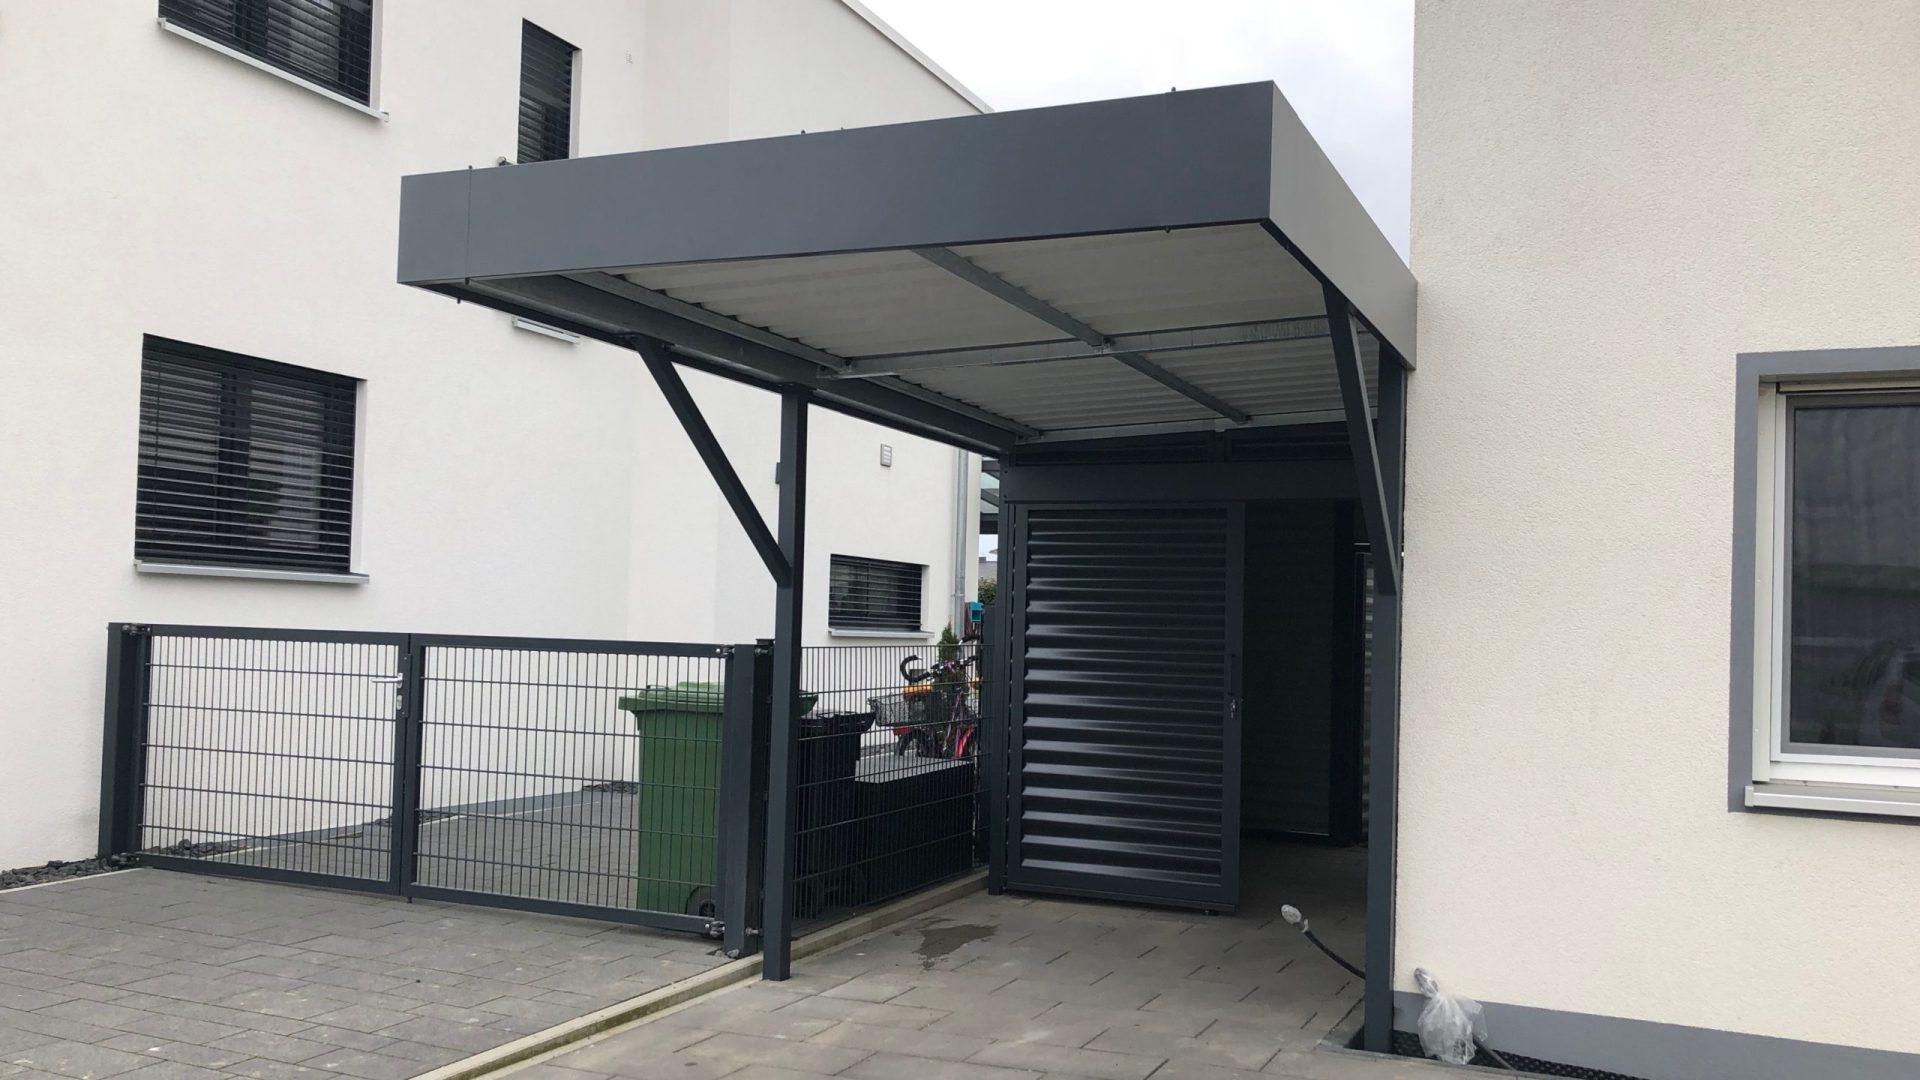 Carport mit Schuppen - Carportmaster Projekt 18-P-2025 - 76689 Karlsdorf - Carportbild 01